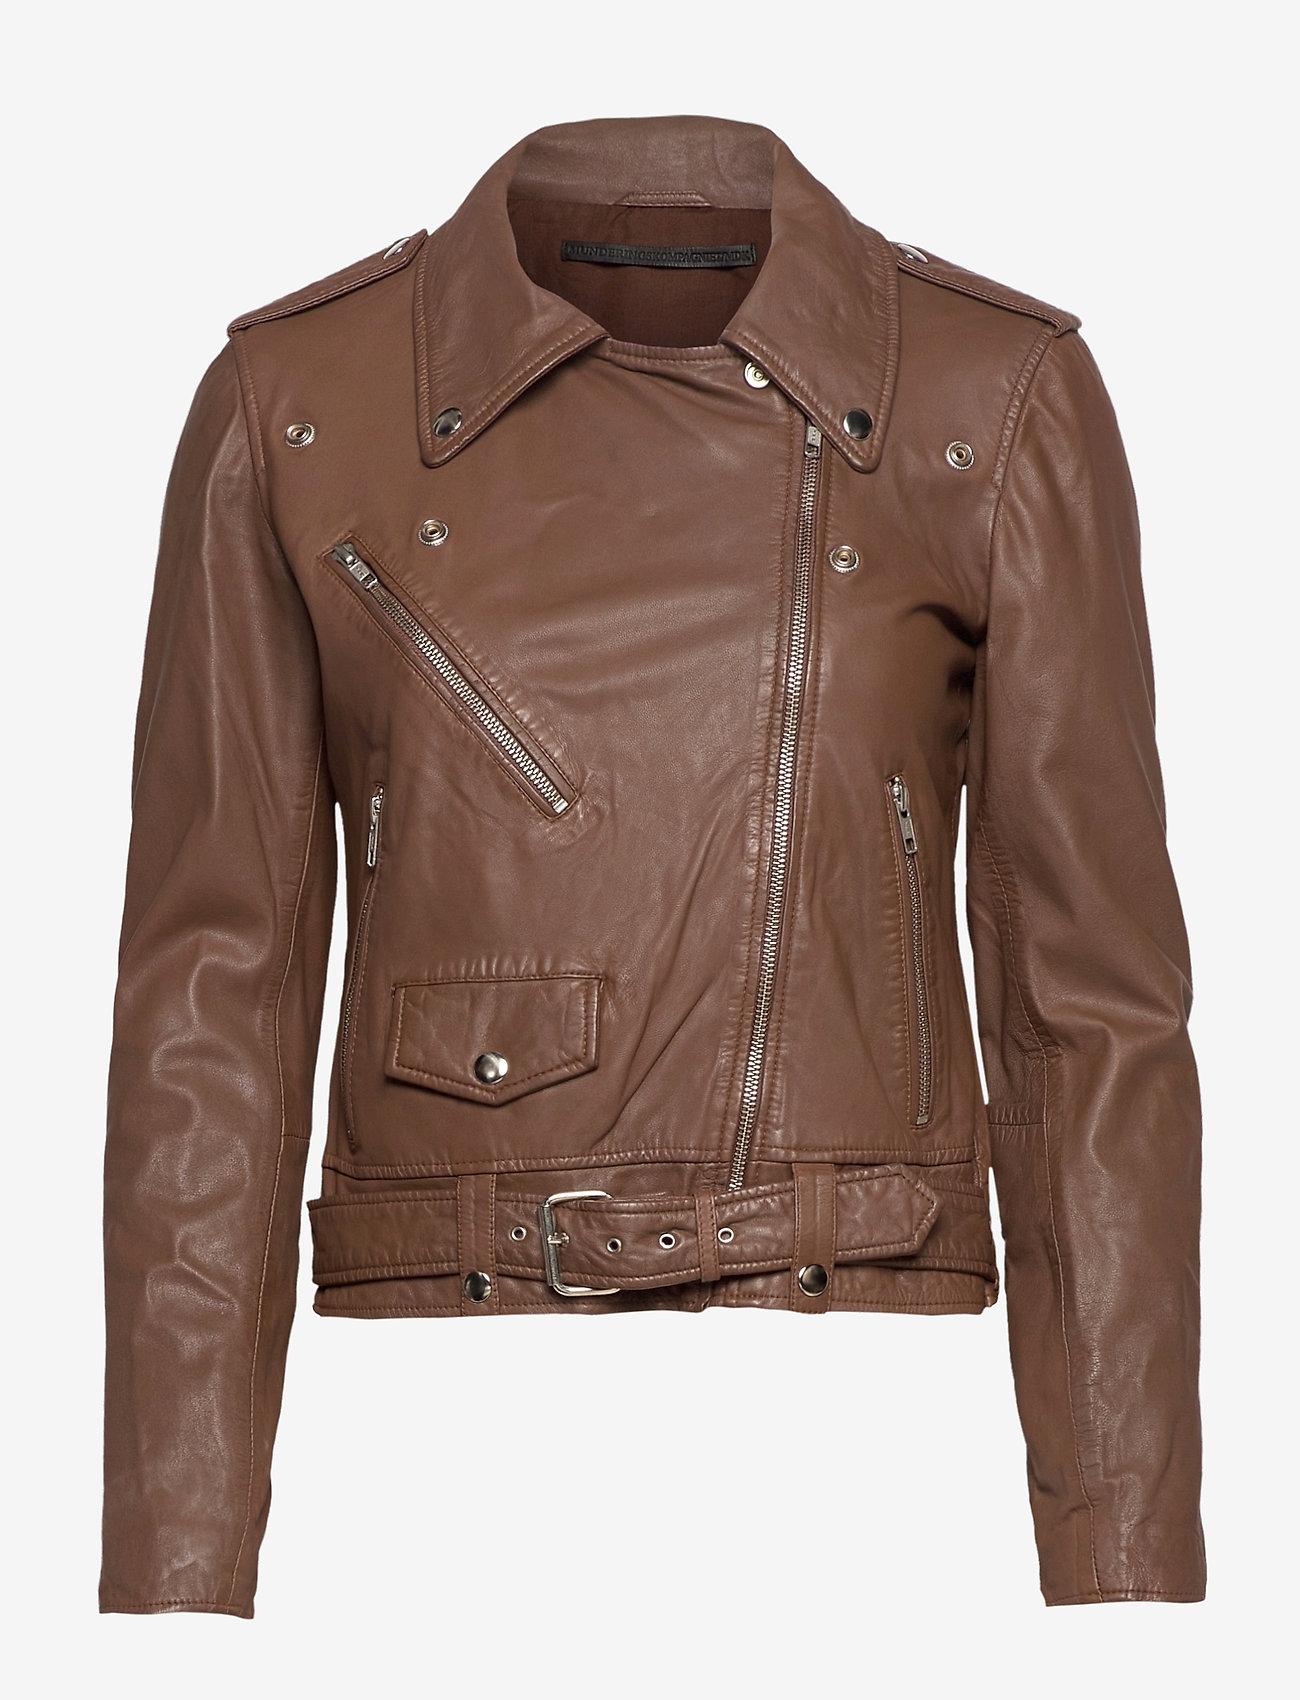 MDK / Munderingskompagniet - Berlin leather jacket - skinnjackor - monks robe - 1